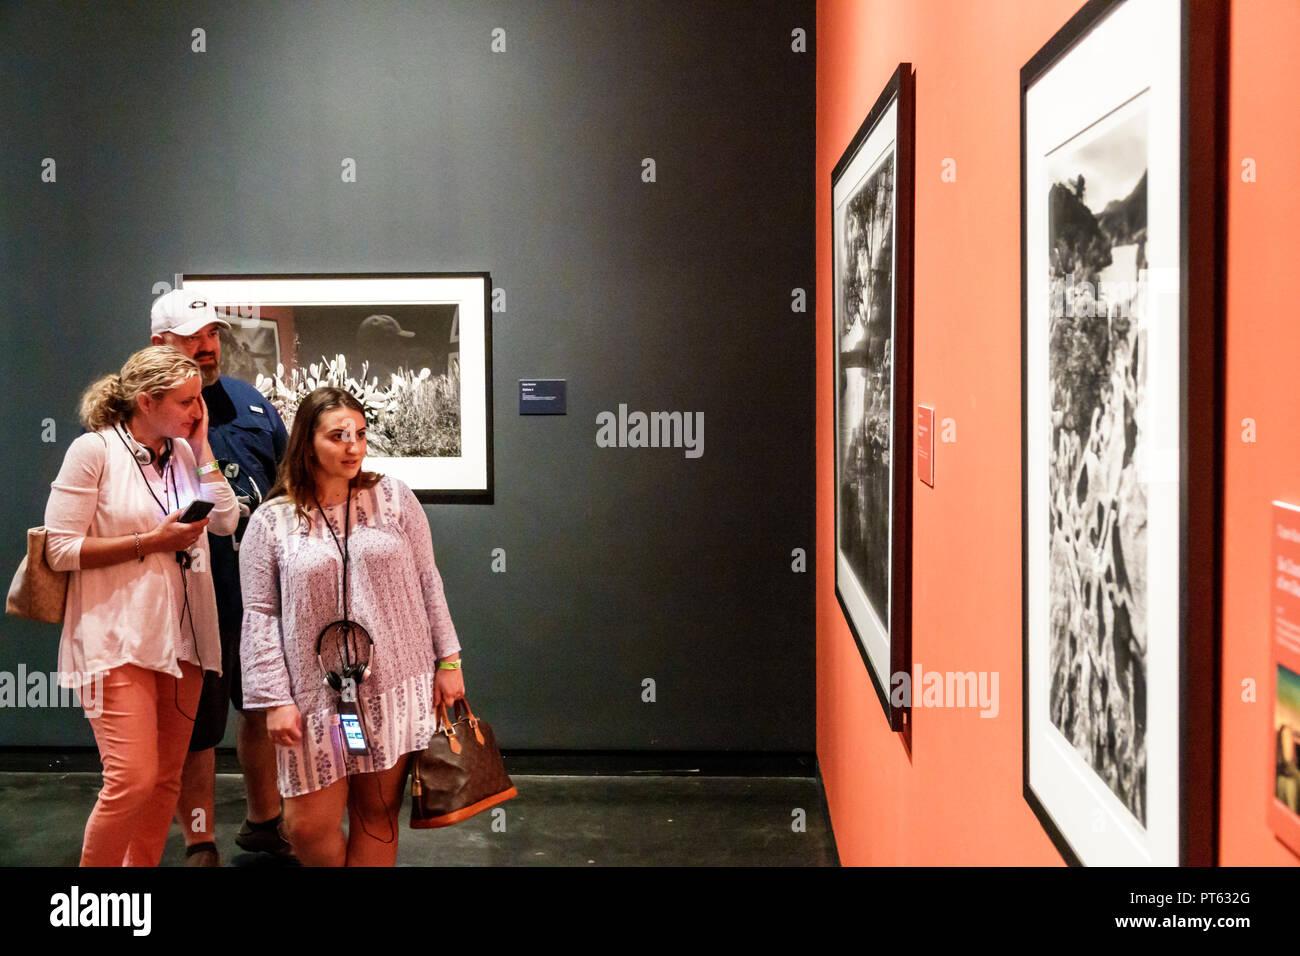 Fleuve Saint Petersburg Floride musée Salvador Dali surréalisme art interior Clyde Butcher grand format photographe photos noir & blanc Visions Da Photo Stock